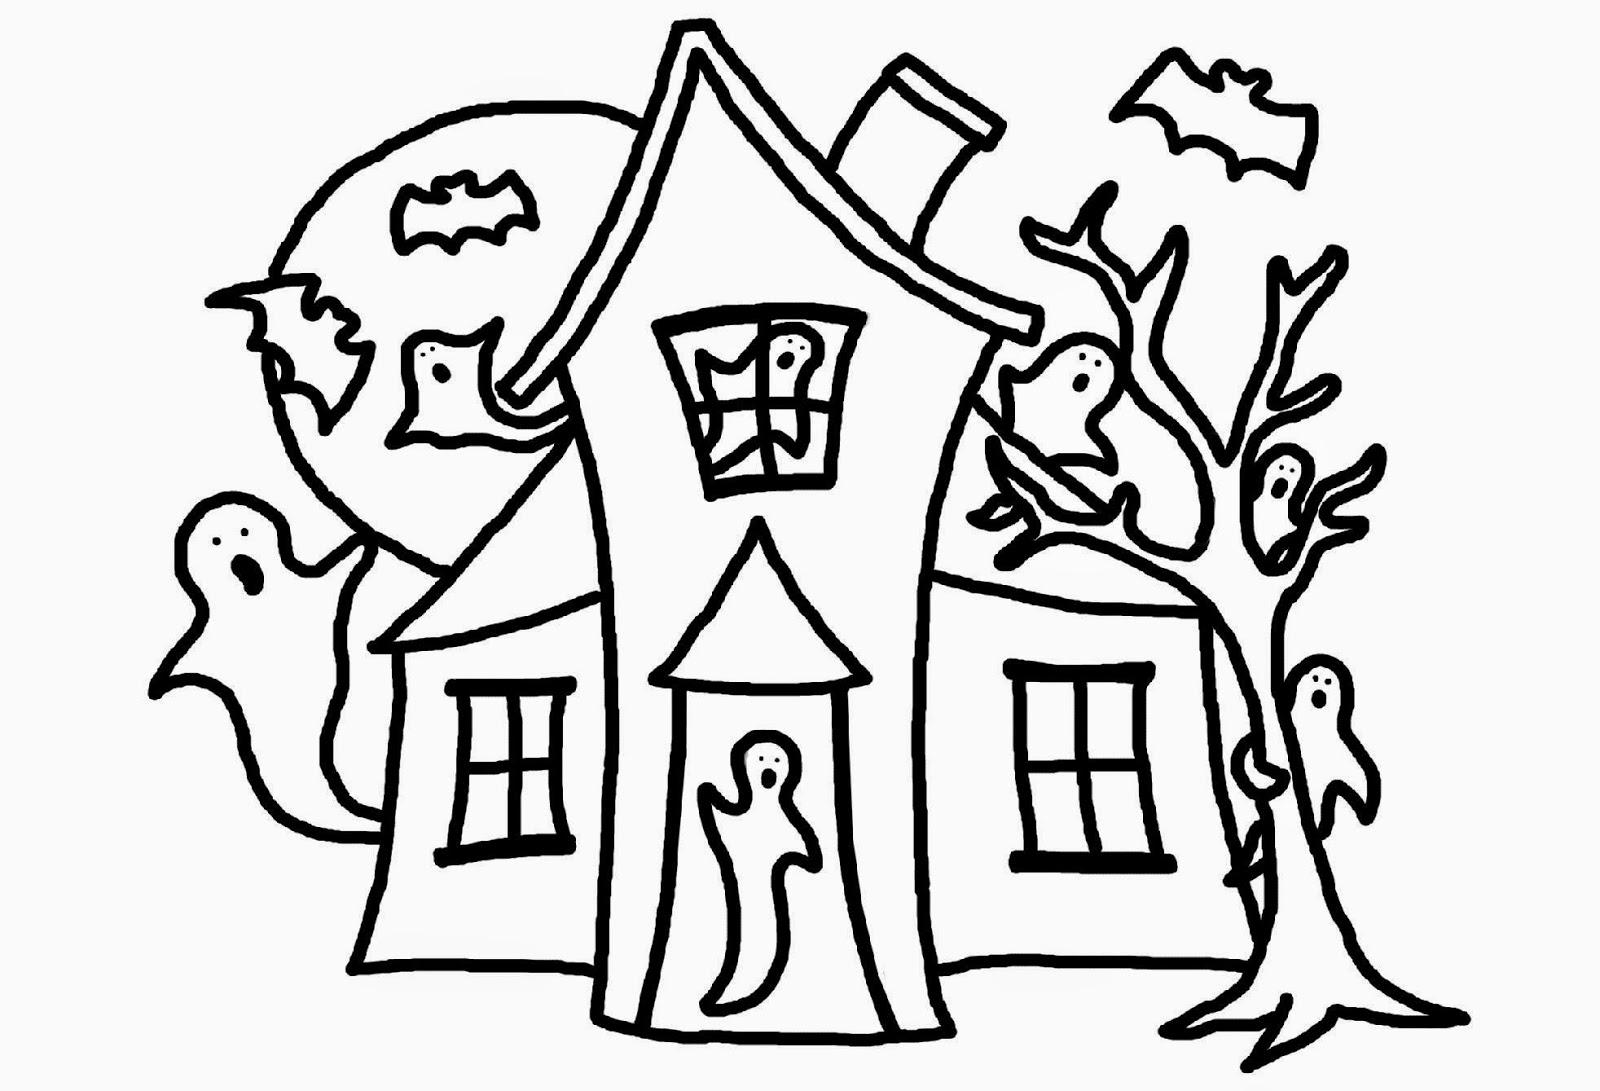 House clipart coloring sheet transparent Haunted House Coloring coloring page, coloring image, clipart images. transparent